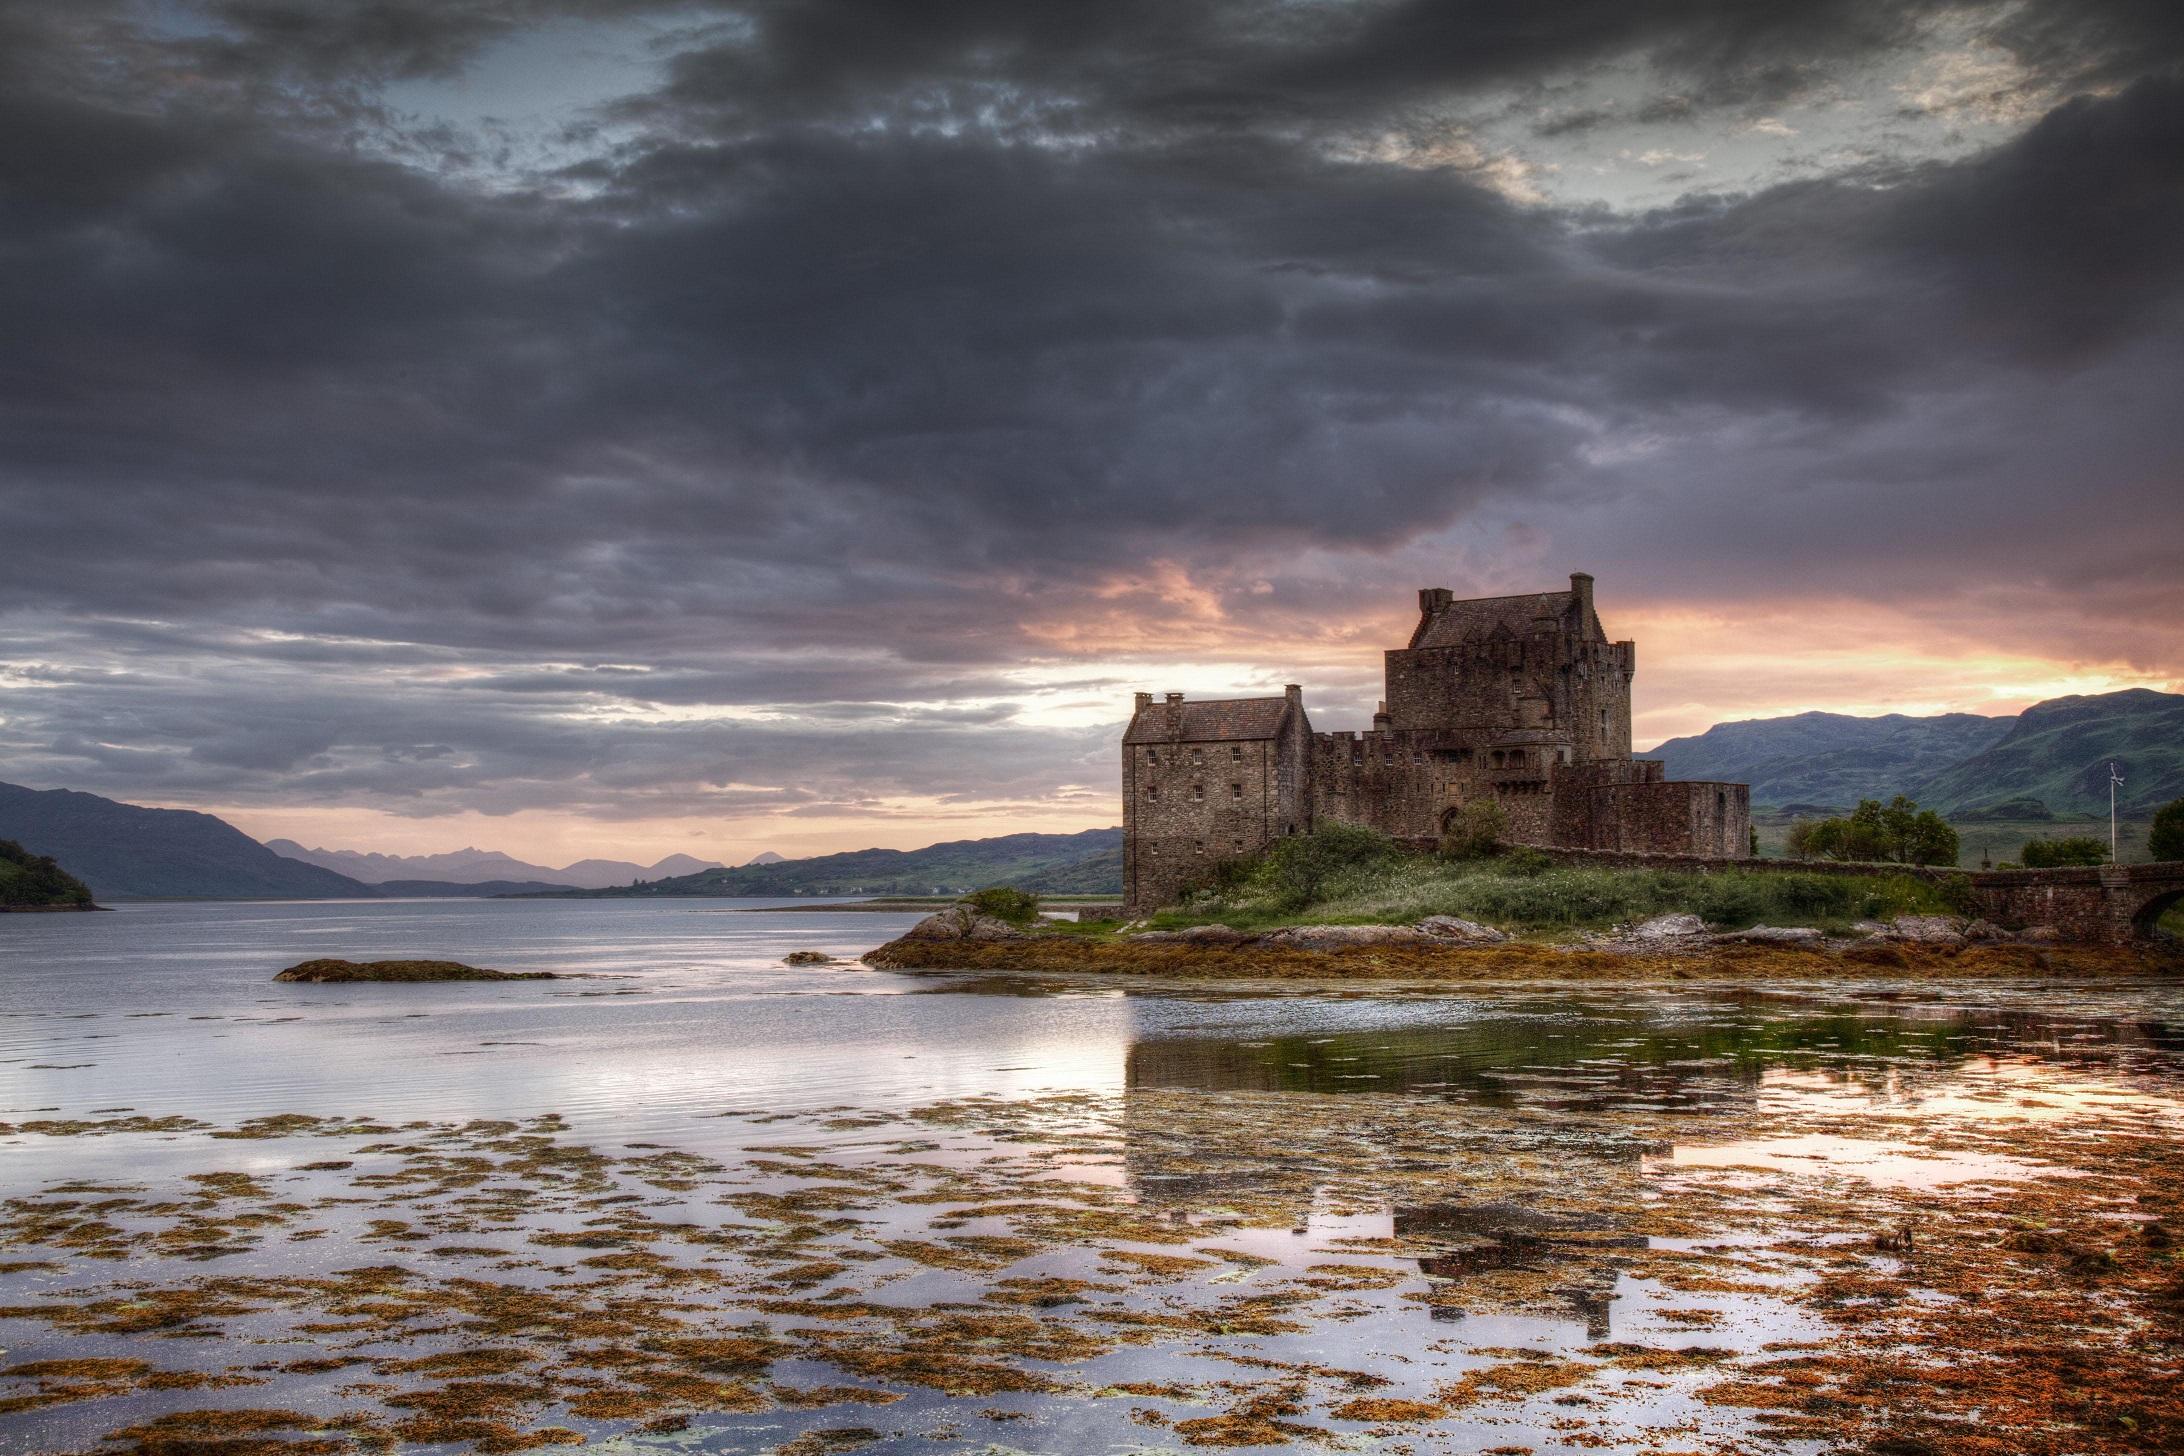 Eilean Donan Castle - een van de mooiste filmlocaties in Groot-Brittannië